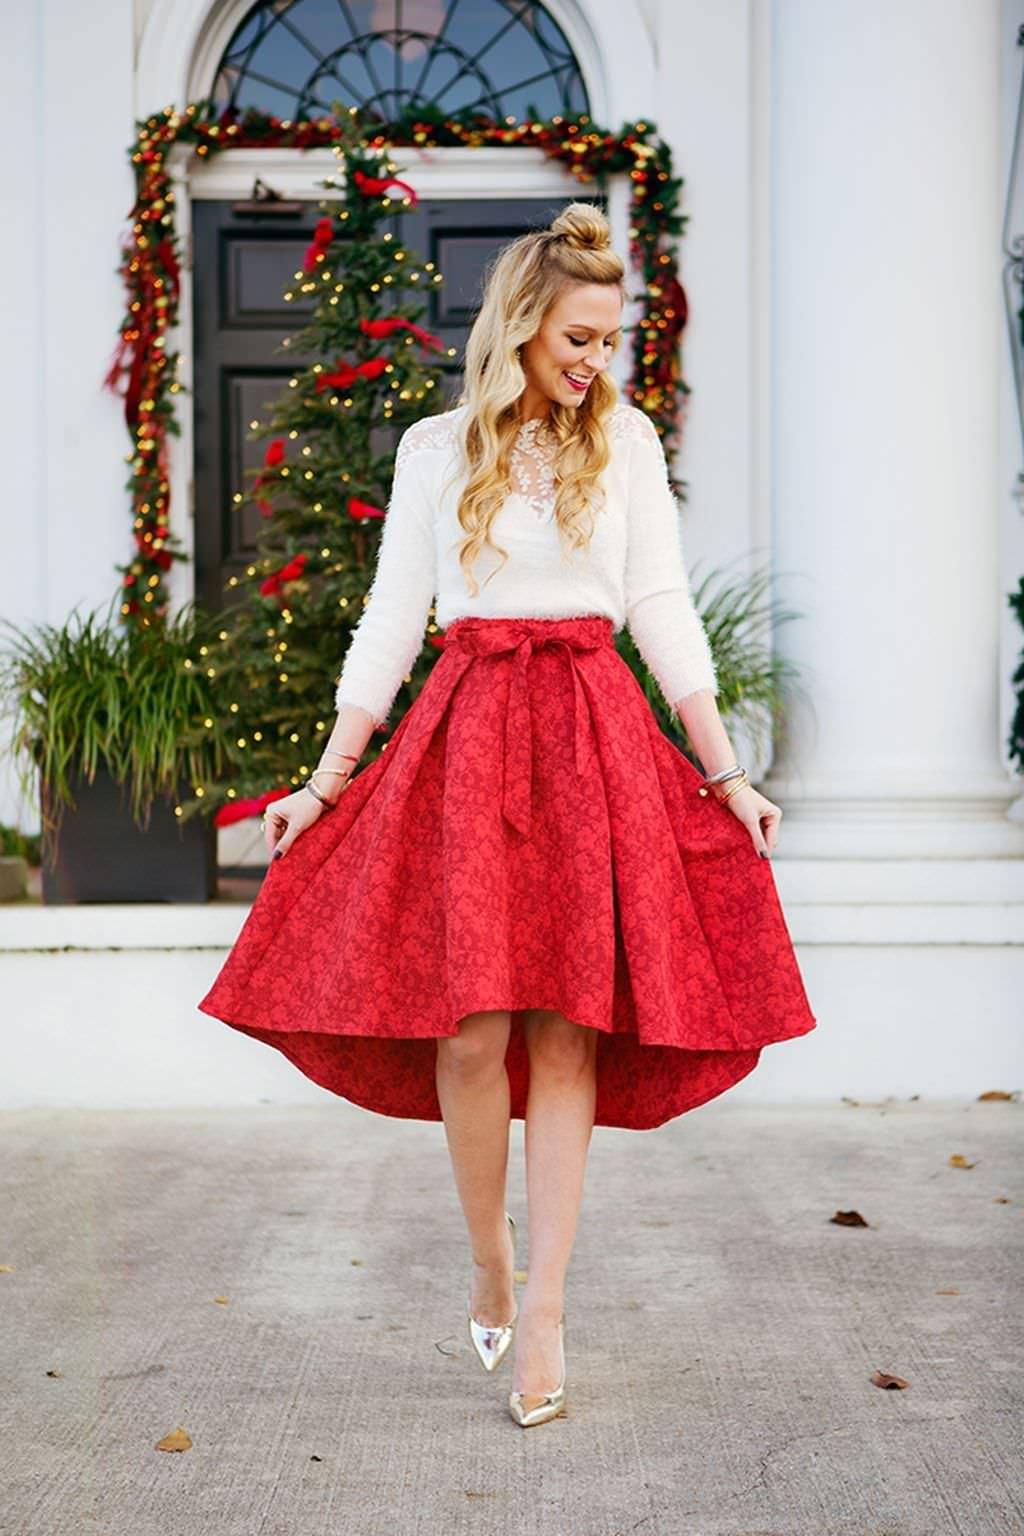 Αυτά είναι τα πιο άσχημα χριστουγεννιάτικα φορέματα! 5188312ce3a